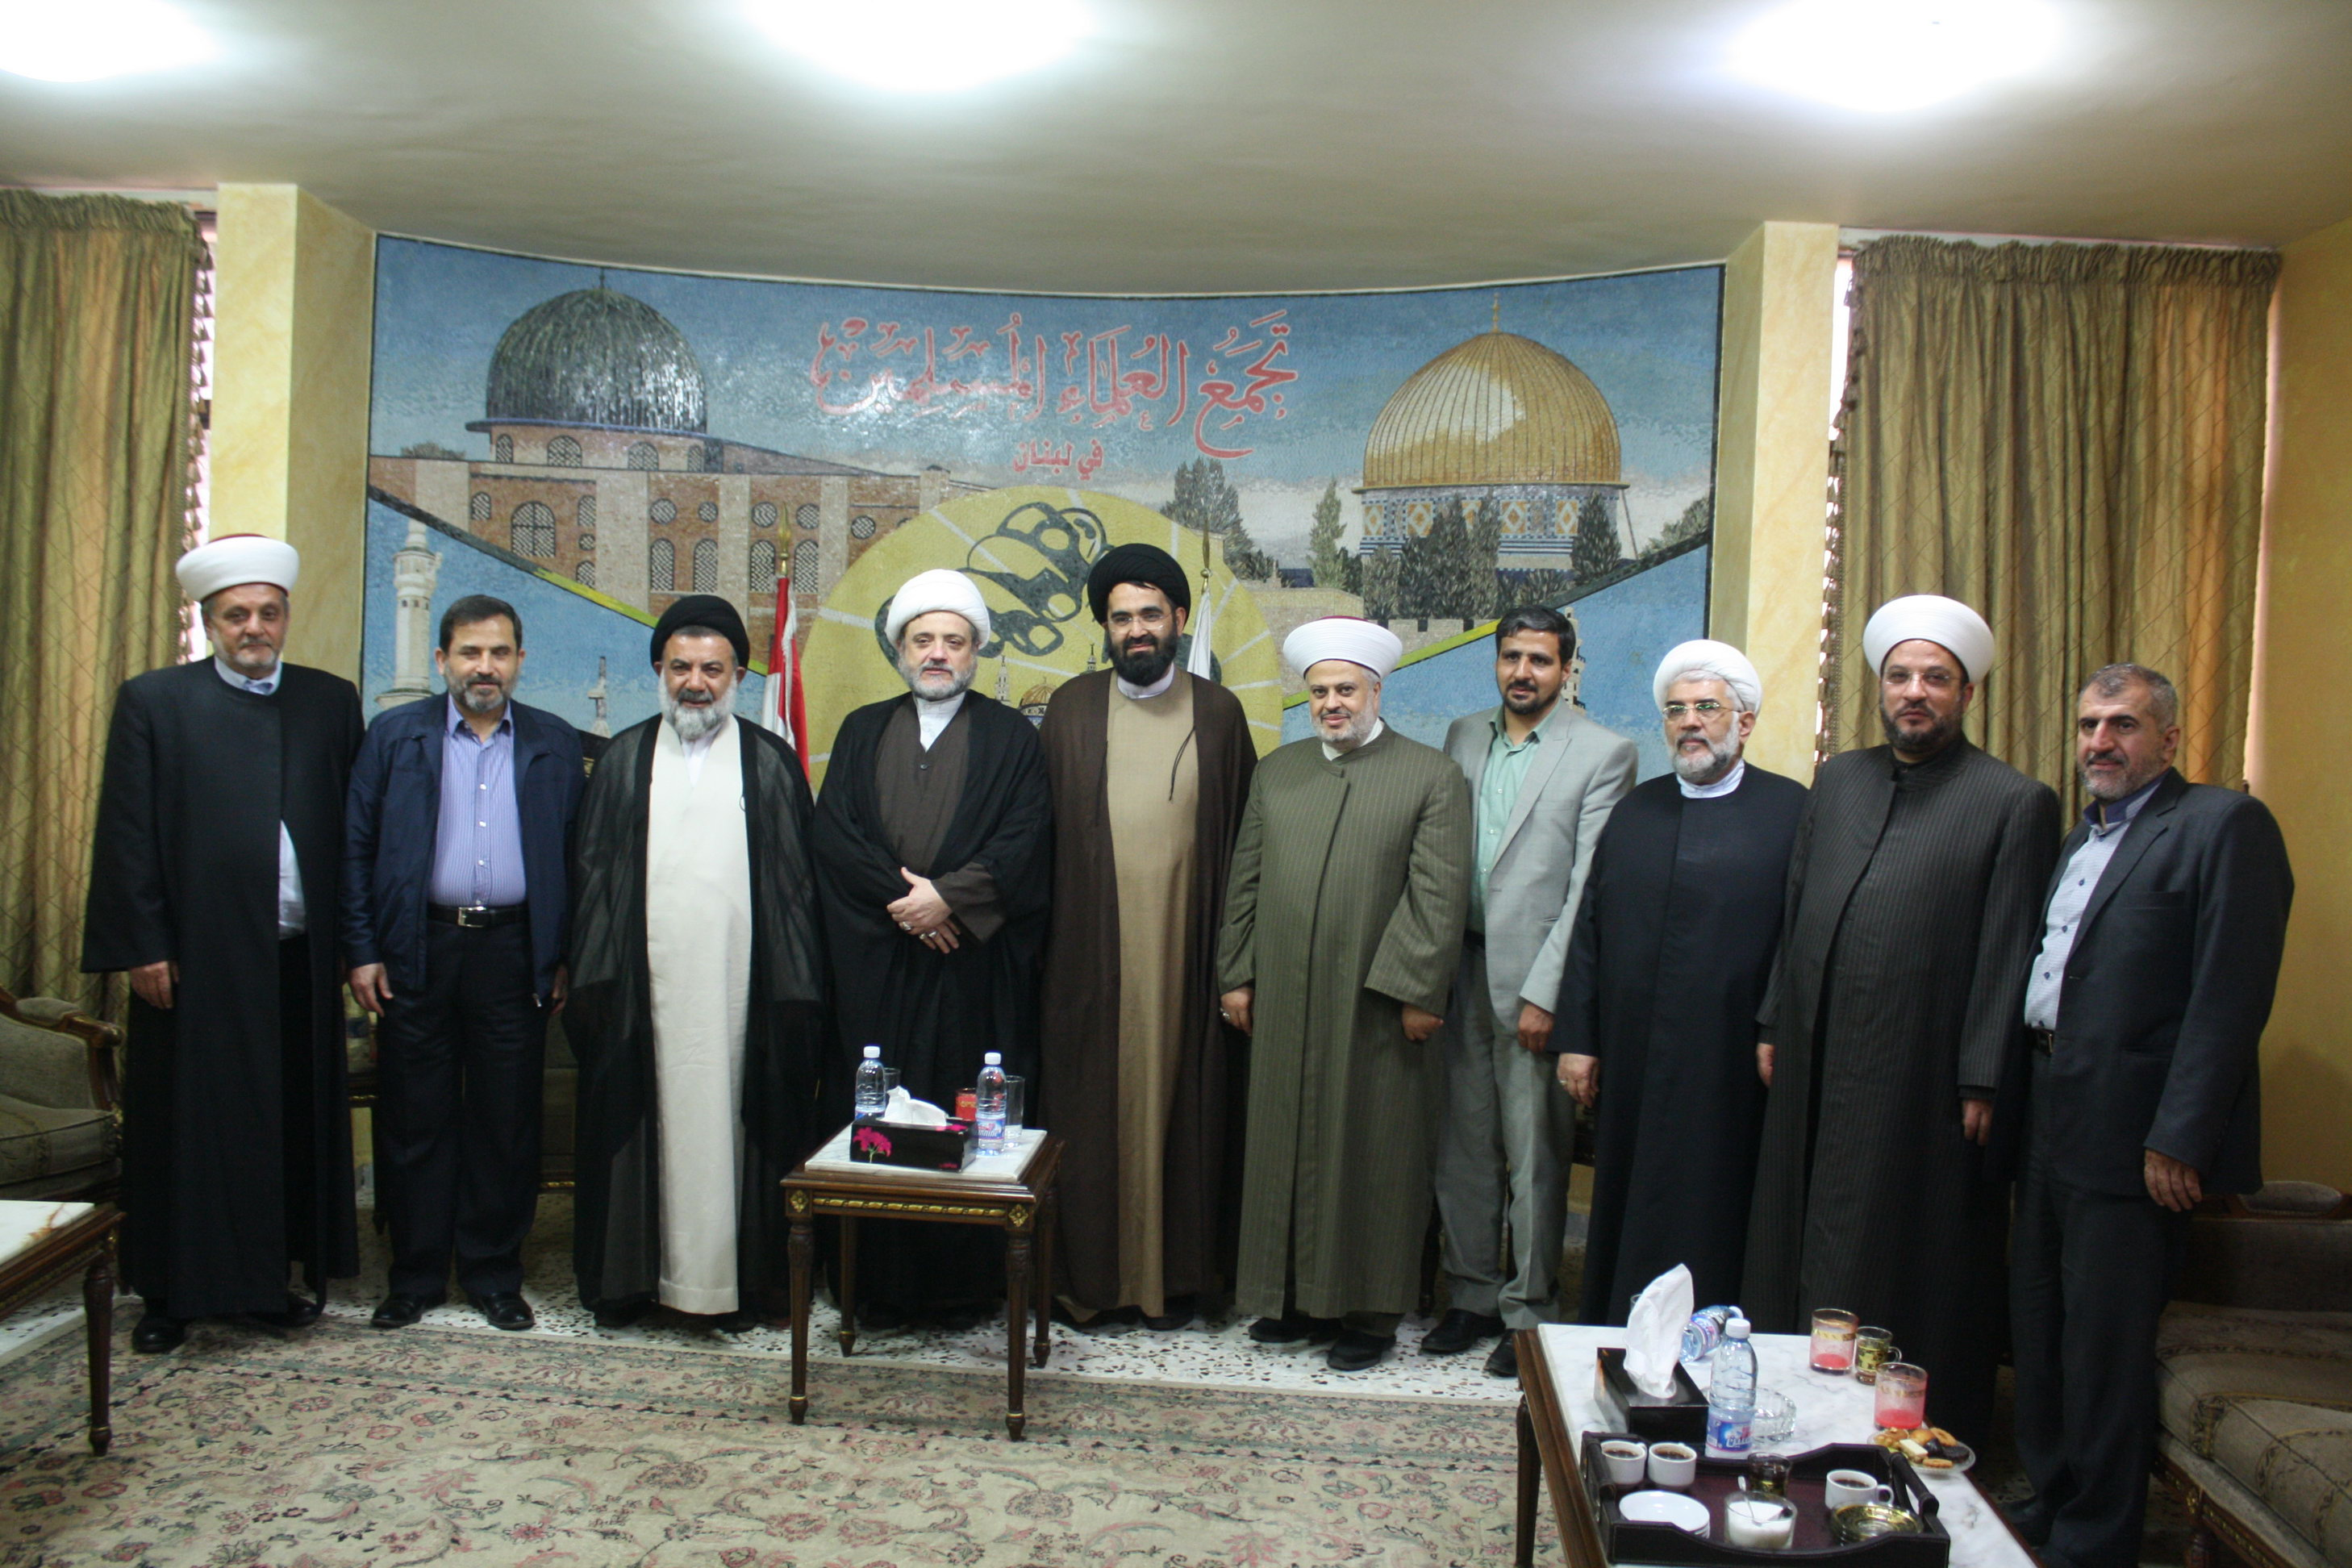 نماینده ولی فقیه در لرستان با تجمع علمای مسلمان لبنان دیدار کرد